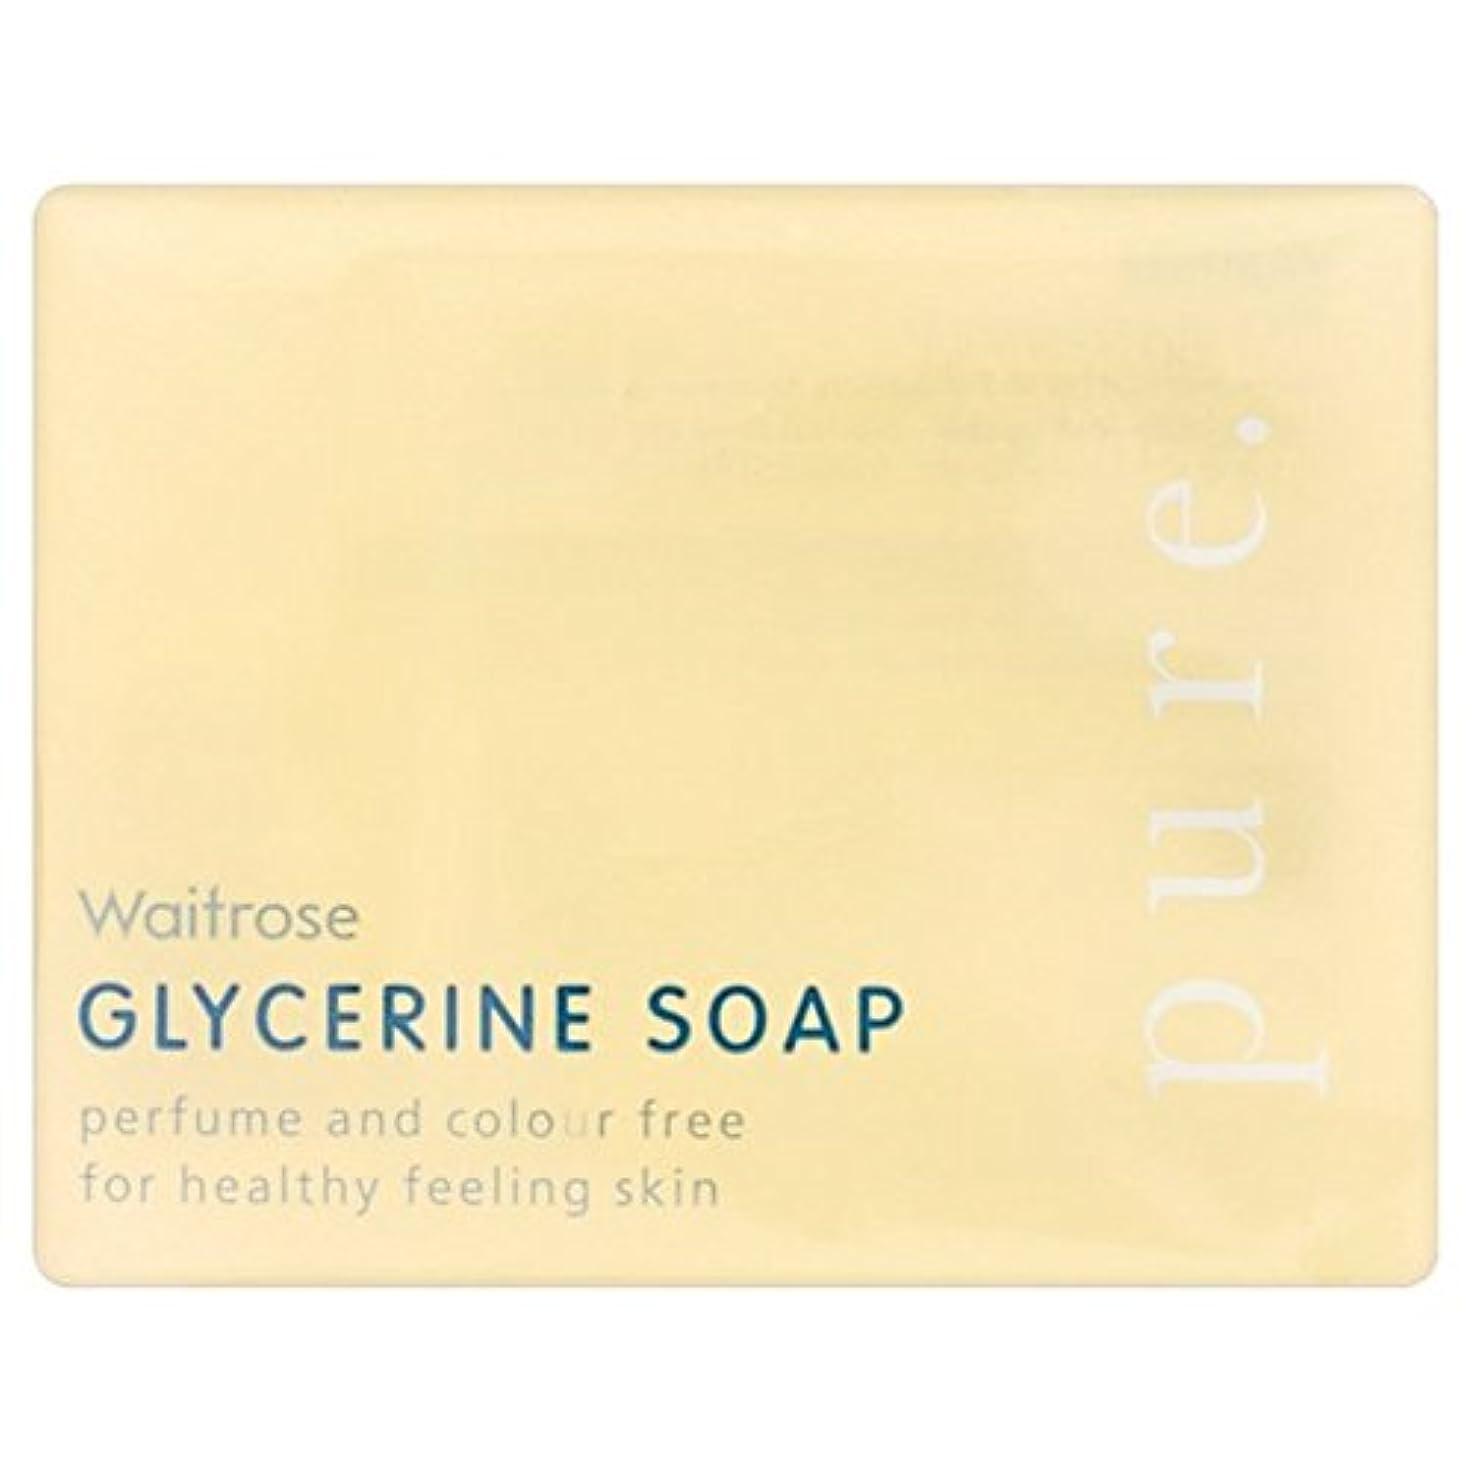 強制免除する効能ある純粋なグリセリンソープウェイトローズの100グラム x4 - Pure Glycerine Soap Waitrose 100g (Pack of 4) [並行輸入品]